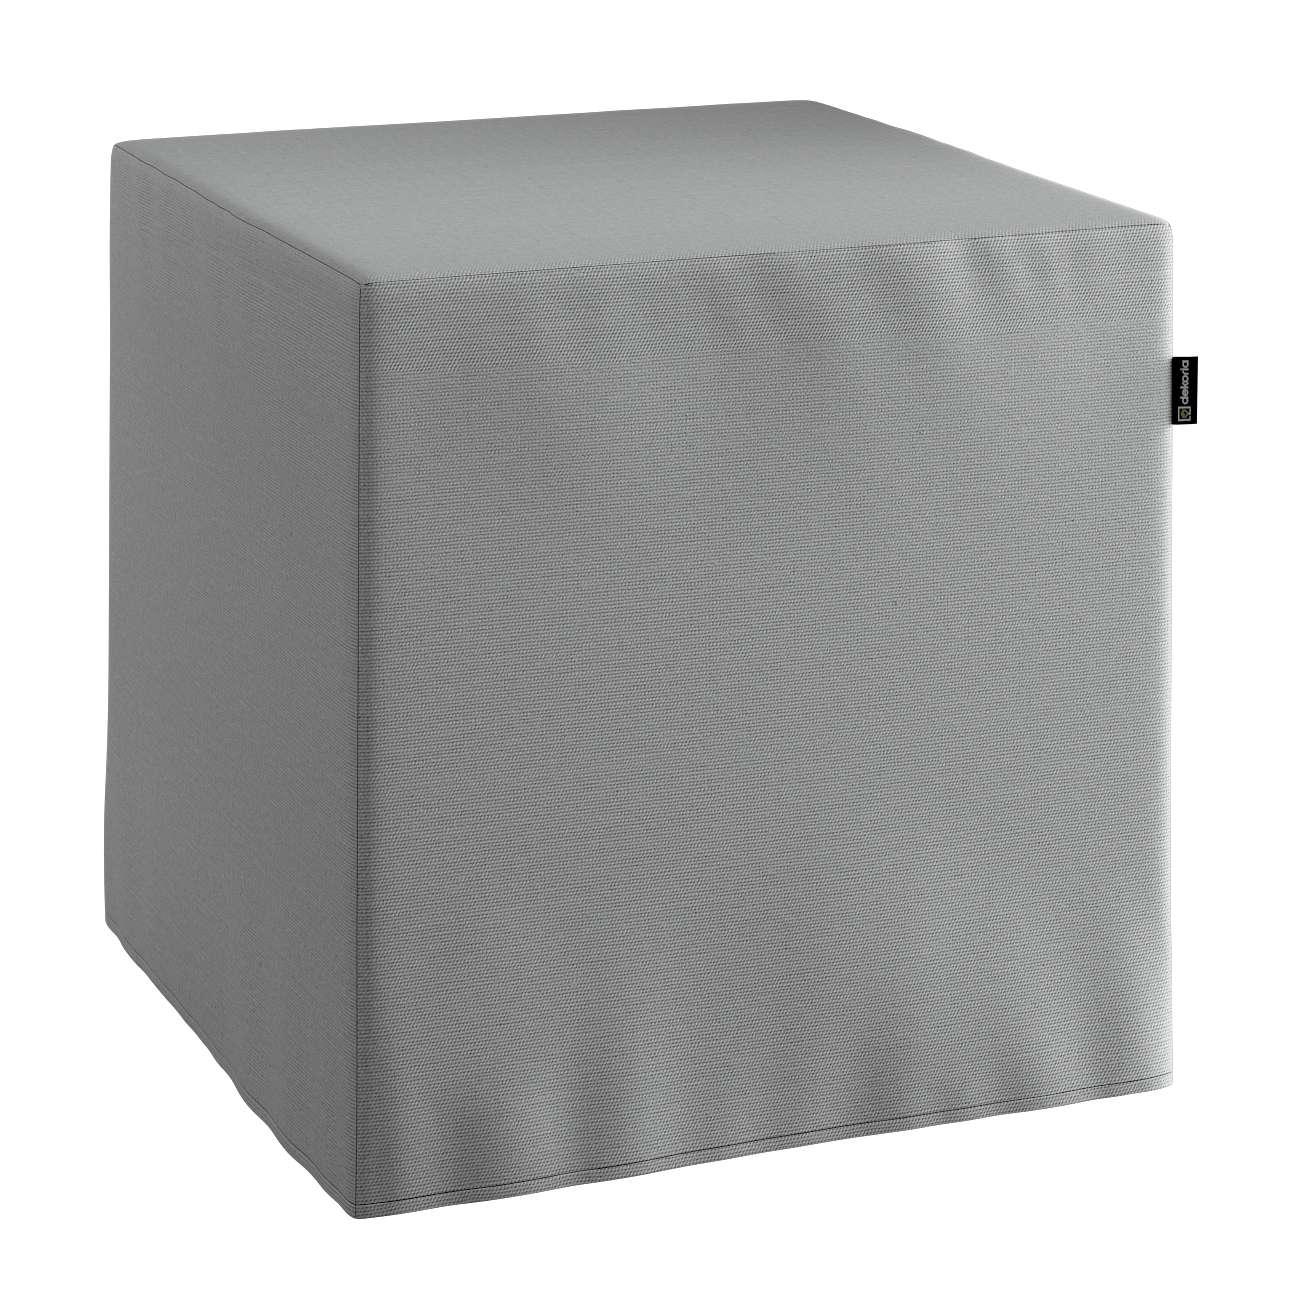 Bezug für Sitzwürfel Bezug für Sitzwürfel 40x40x40 cm von der Kollektion Loneta, Stoff: 133-24